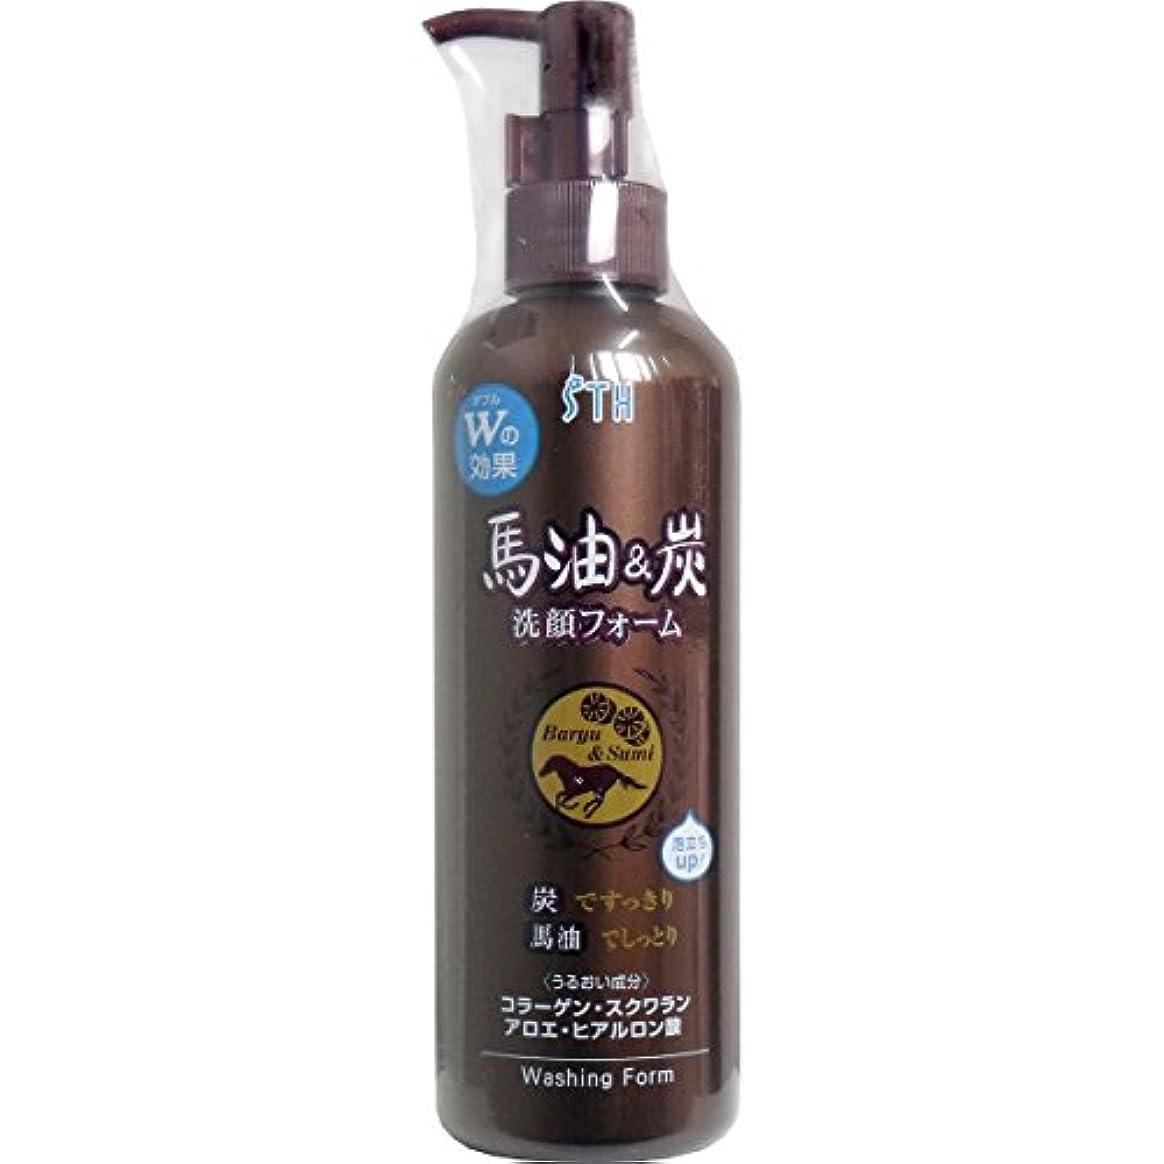 かび臭い宇宙シフト馬油&炭 洗顔フォーム【1本】